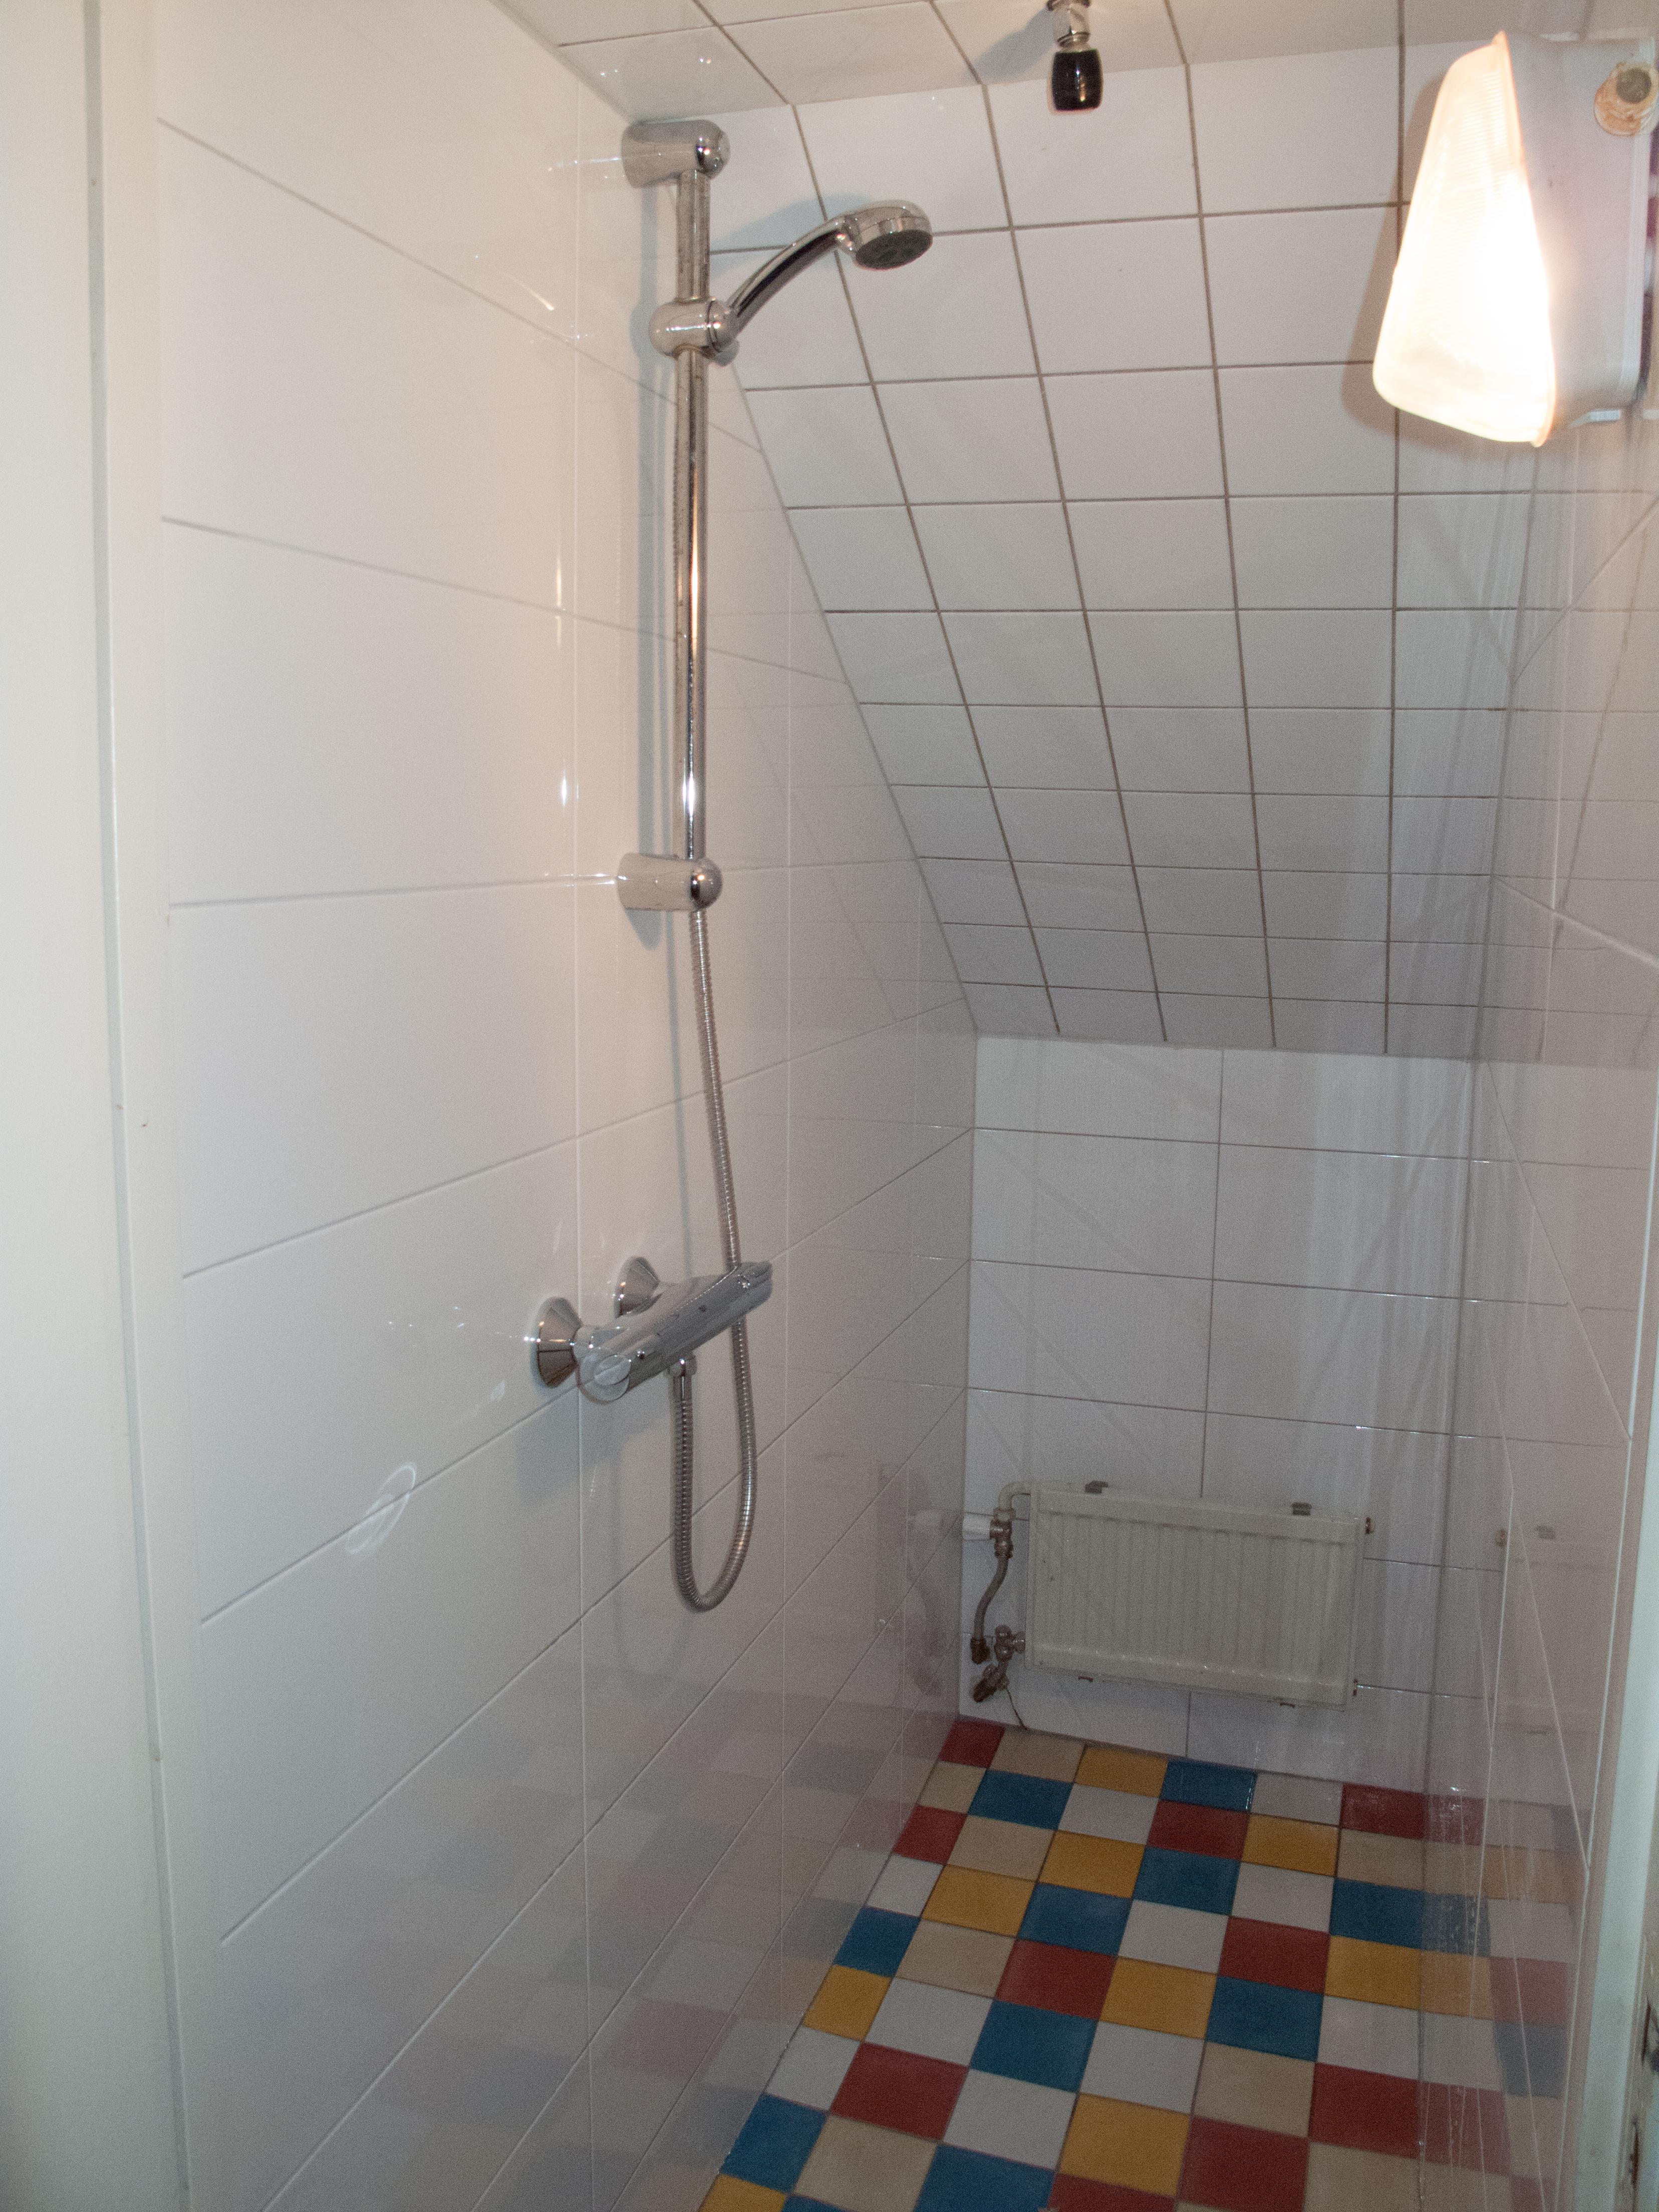 Vieze Lucht In Badkamer ~ nieuwe badkamer